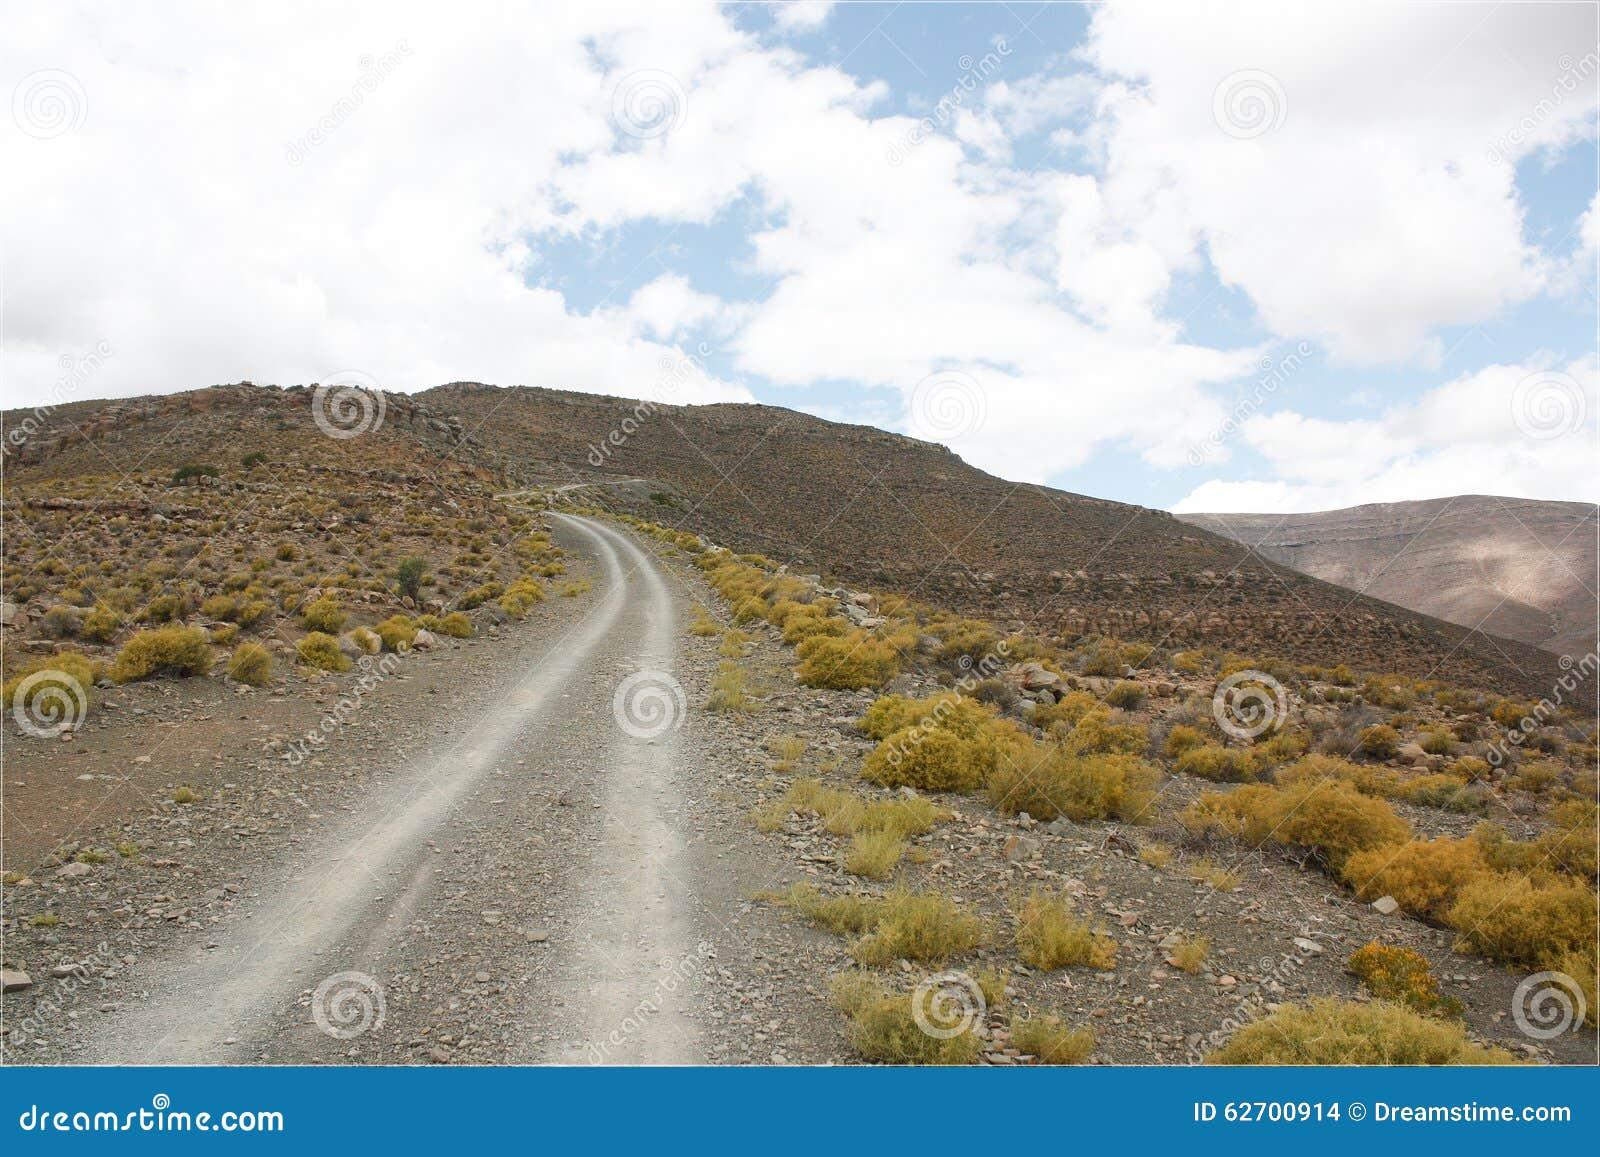 Αμμοχάλικο/βρώμικος δρόμος επάνω ένα πέρασμα